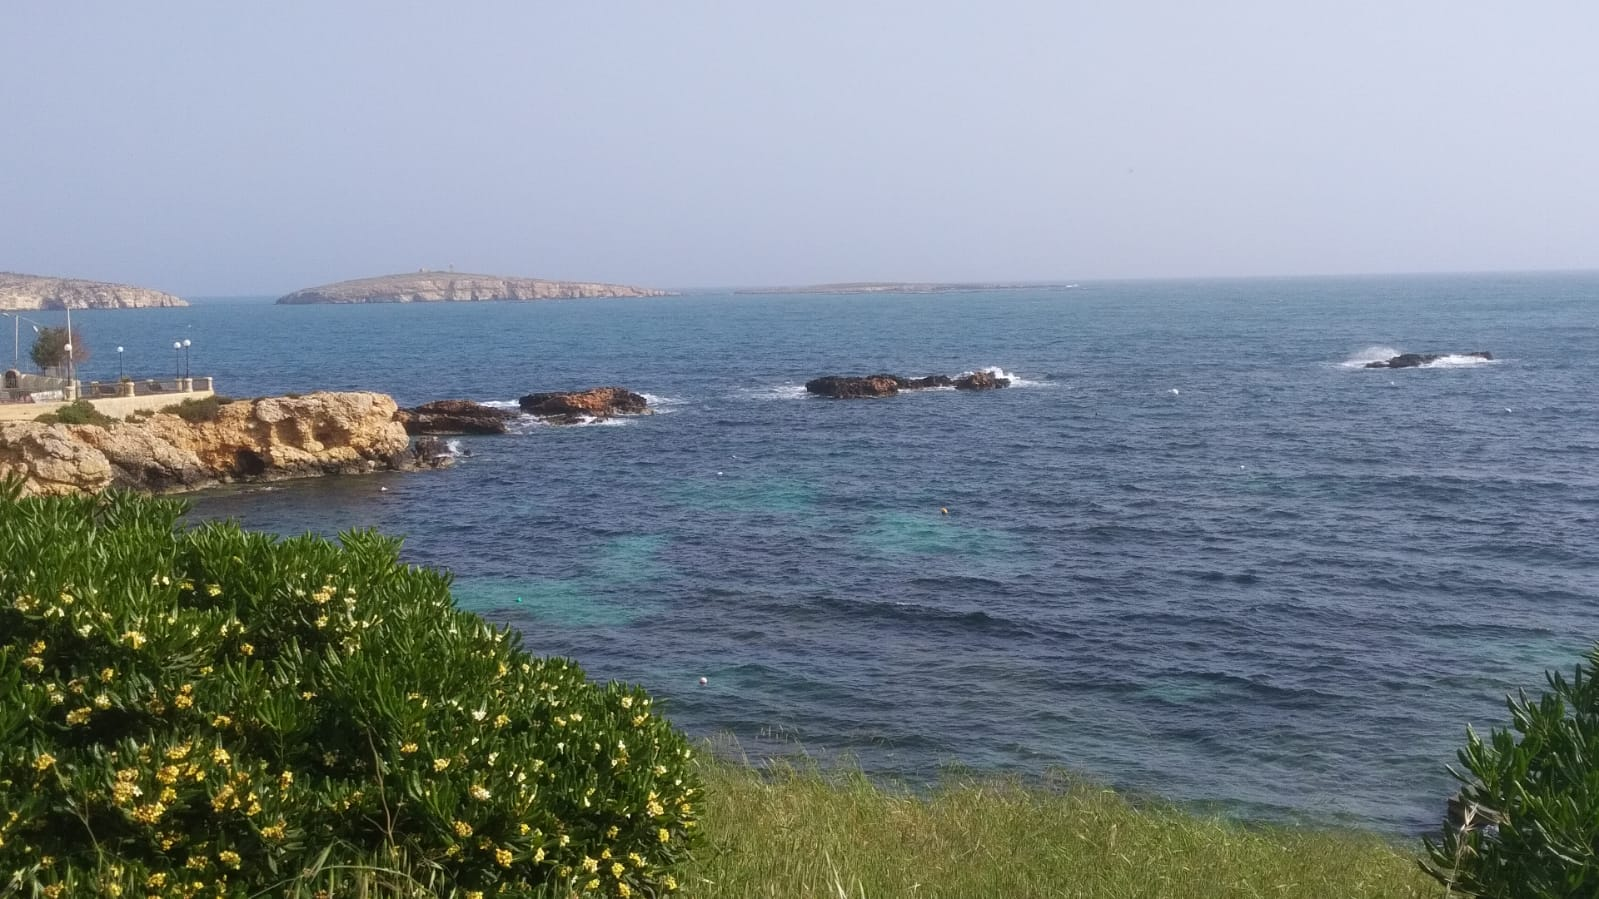 Malta - Insel zwischen Europa und Afrika